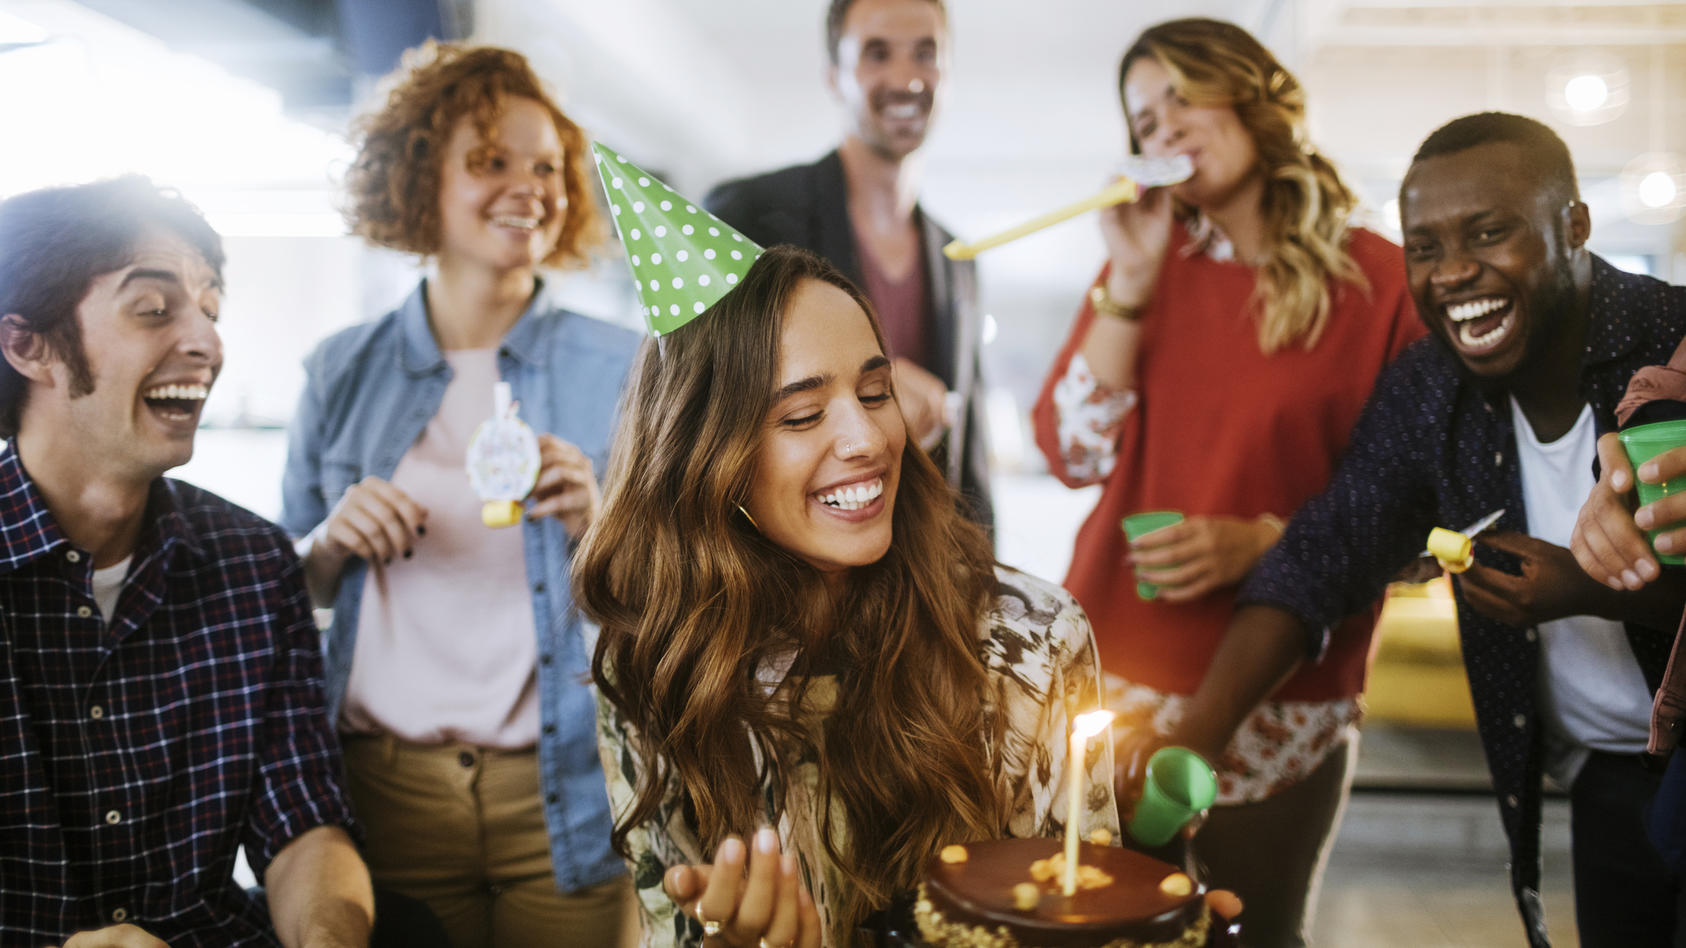 Sollten wir momentan besser auf das Geburtstagsständchen verzichten?